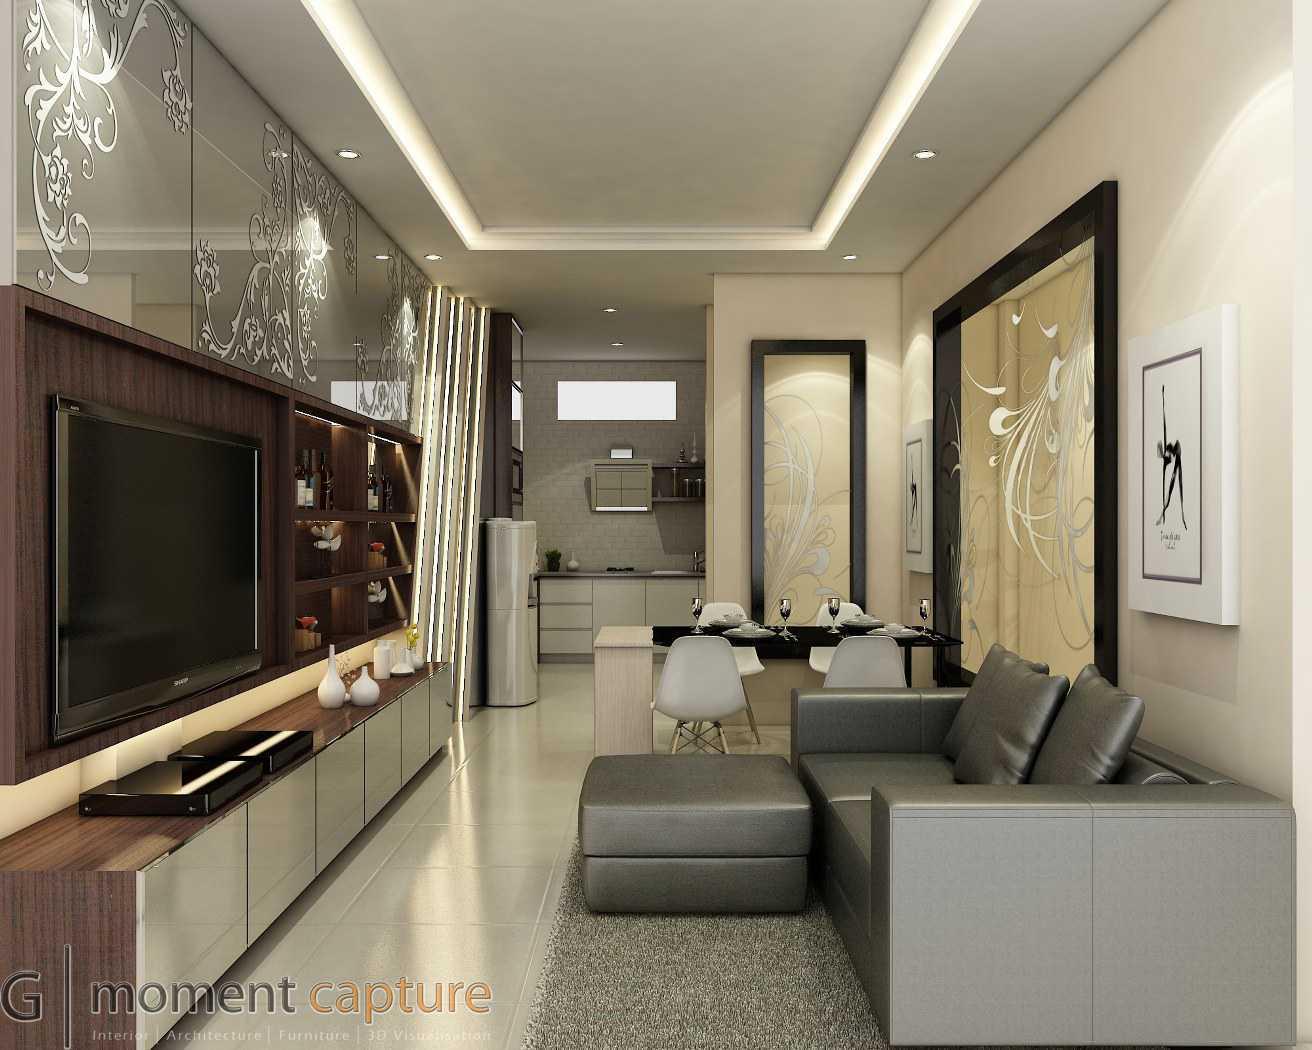 G   Momentcapture Private Residence 2 Daerah Khusus Ibukota Jakarta, Indonesia Daerah Khusus Ibukota Jakarta, Indonesia Living Room Modern  40691